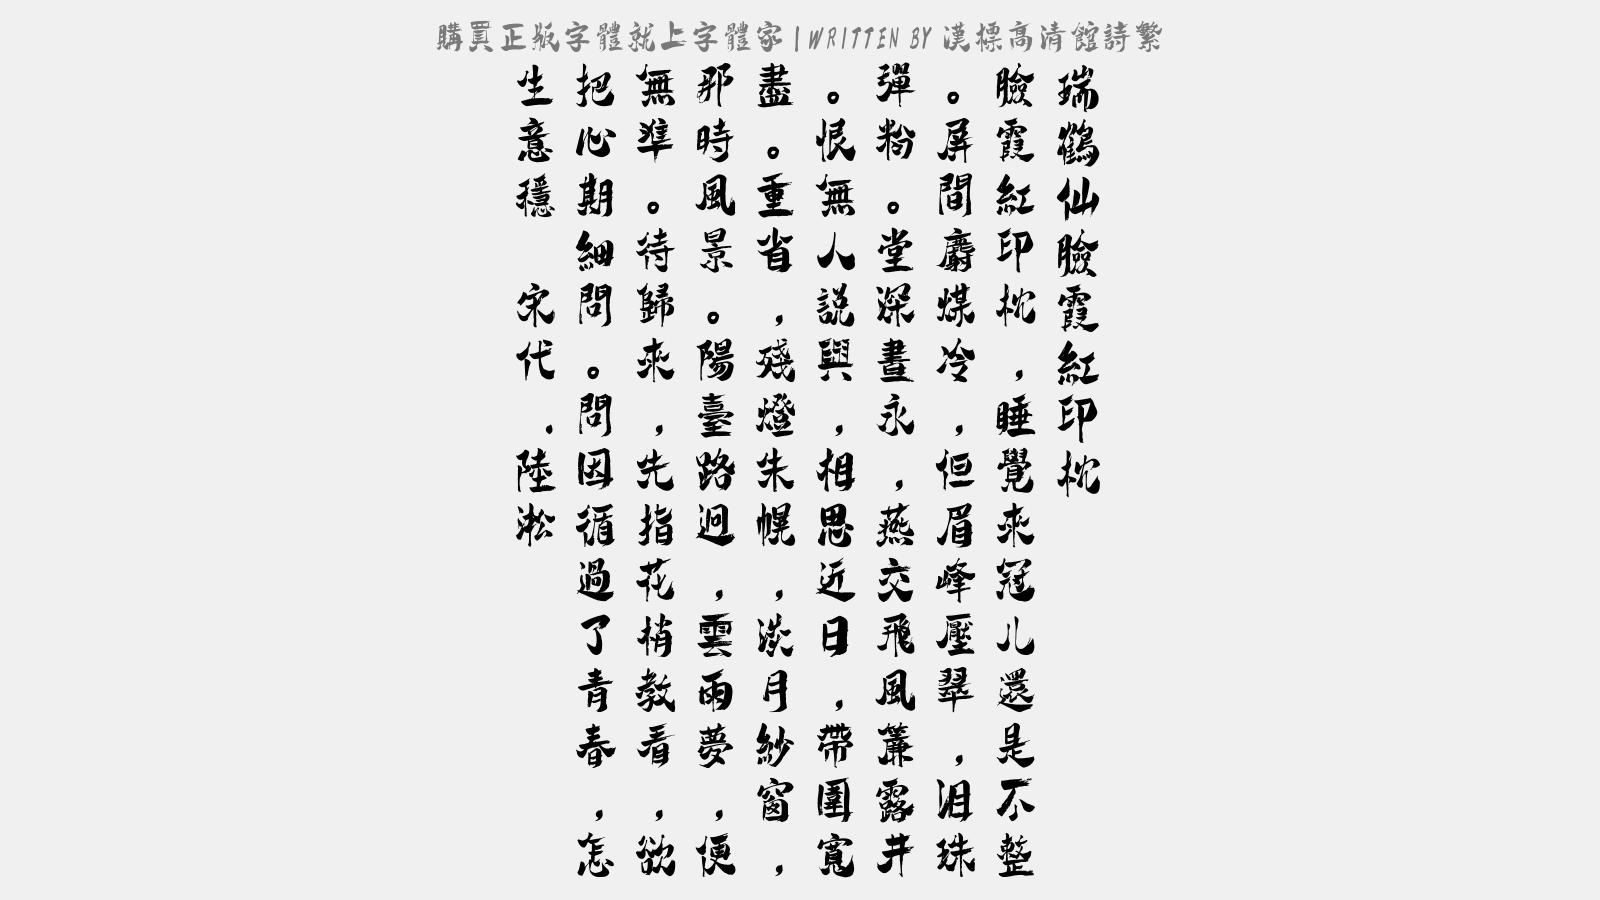 漢標高清館詩繁 - 瑞鶴仙·臉霞紅印枕